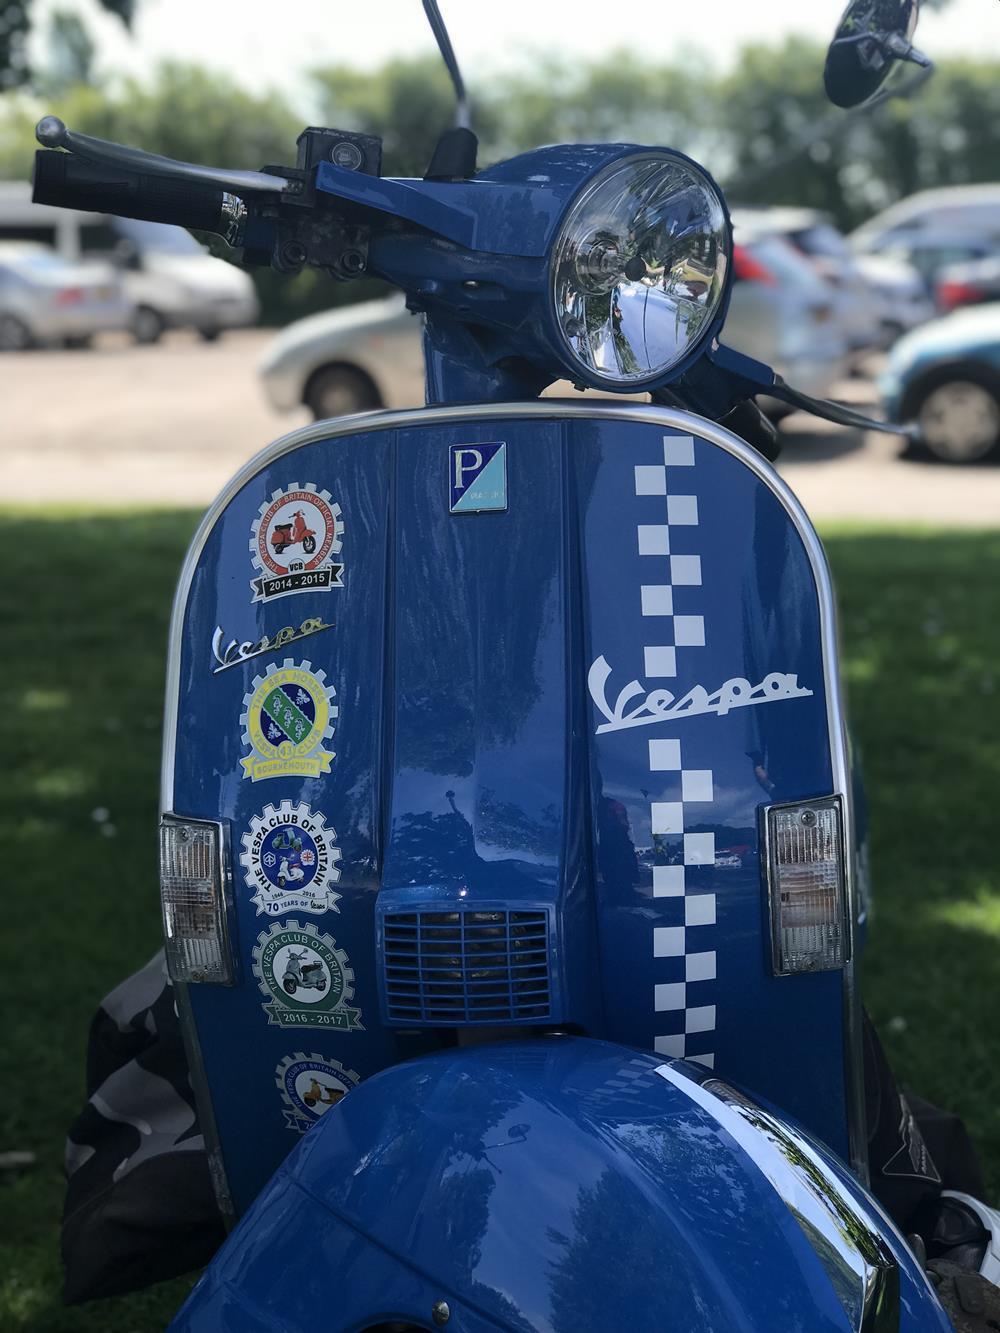 Blue Vespa scooter